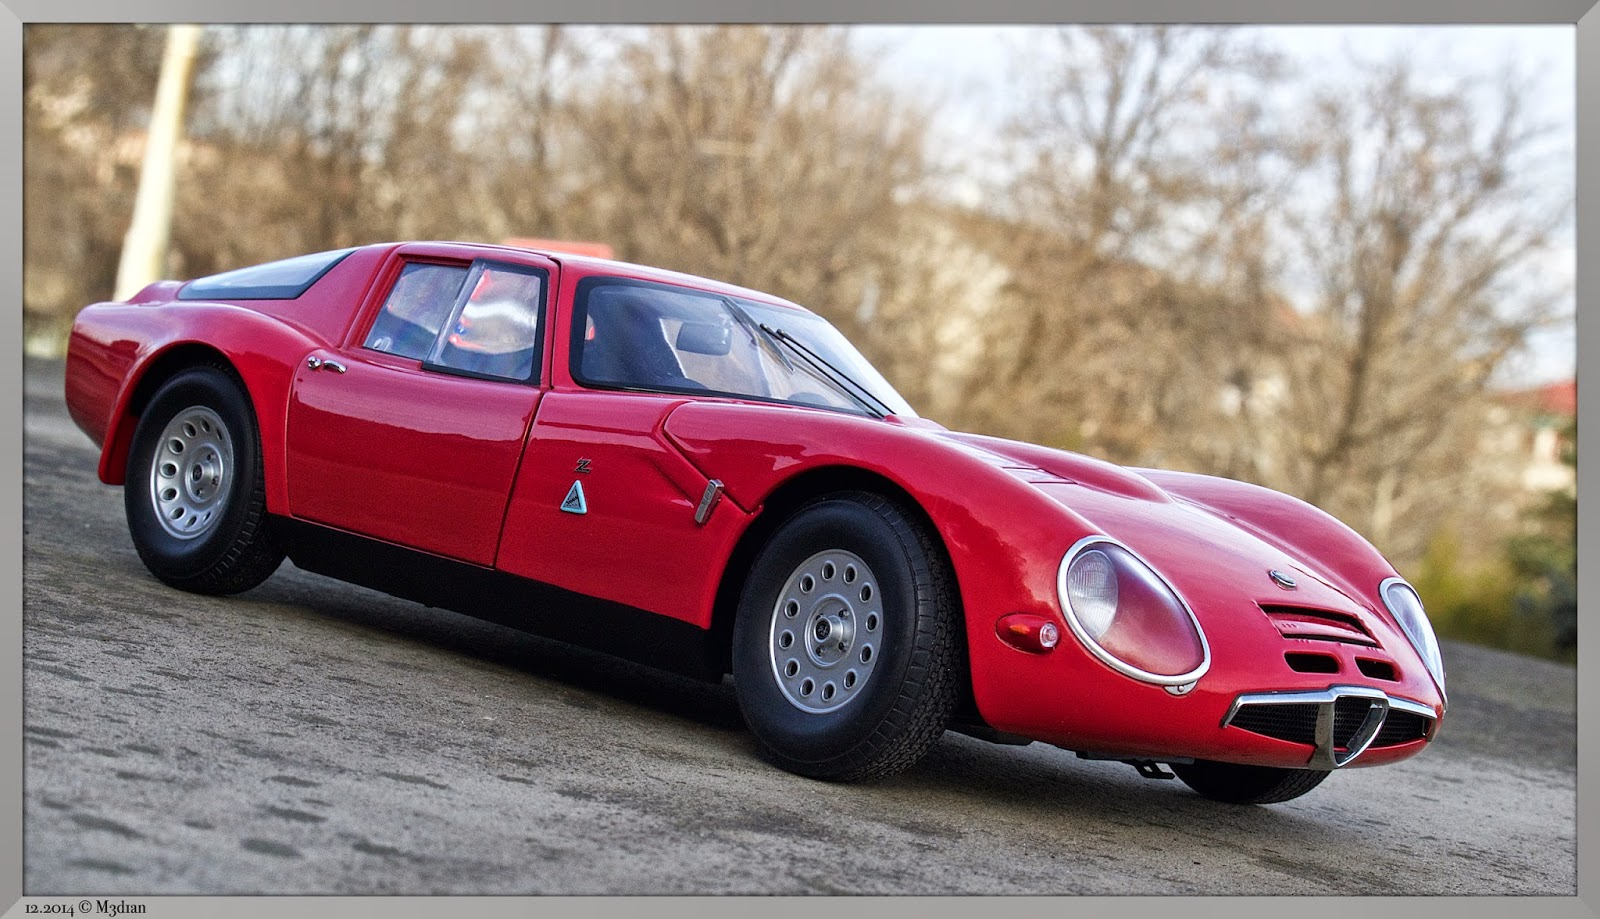 M3d1ans Miniatures Alfa Romeo Giulia TZ2